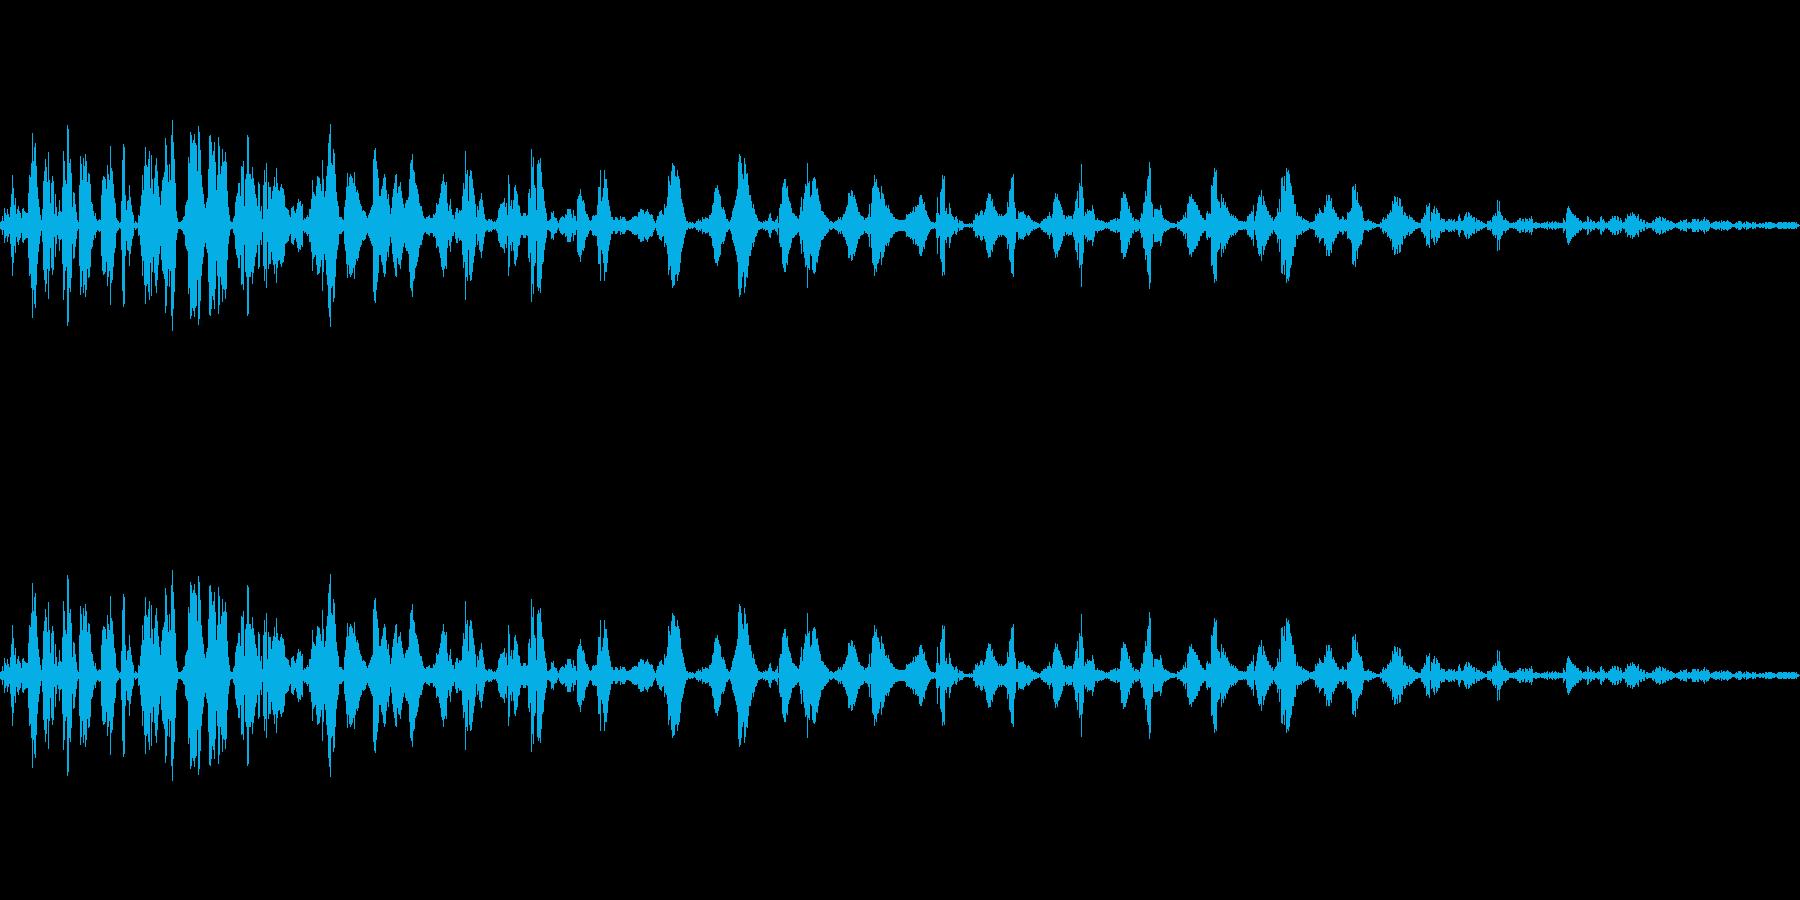 マイナス効果の魔法の効果音イメージ2の再生済みの波形